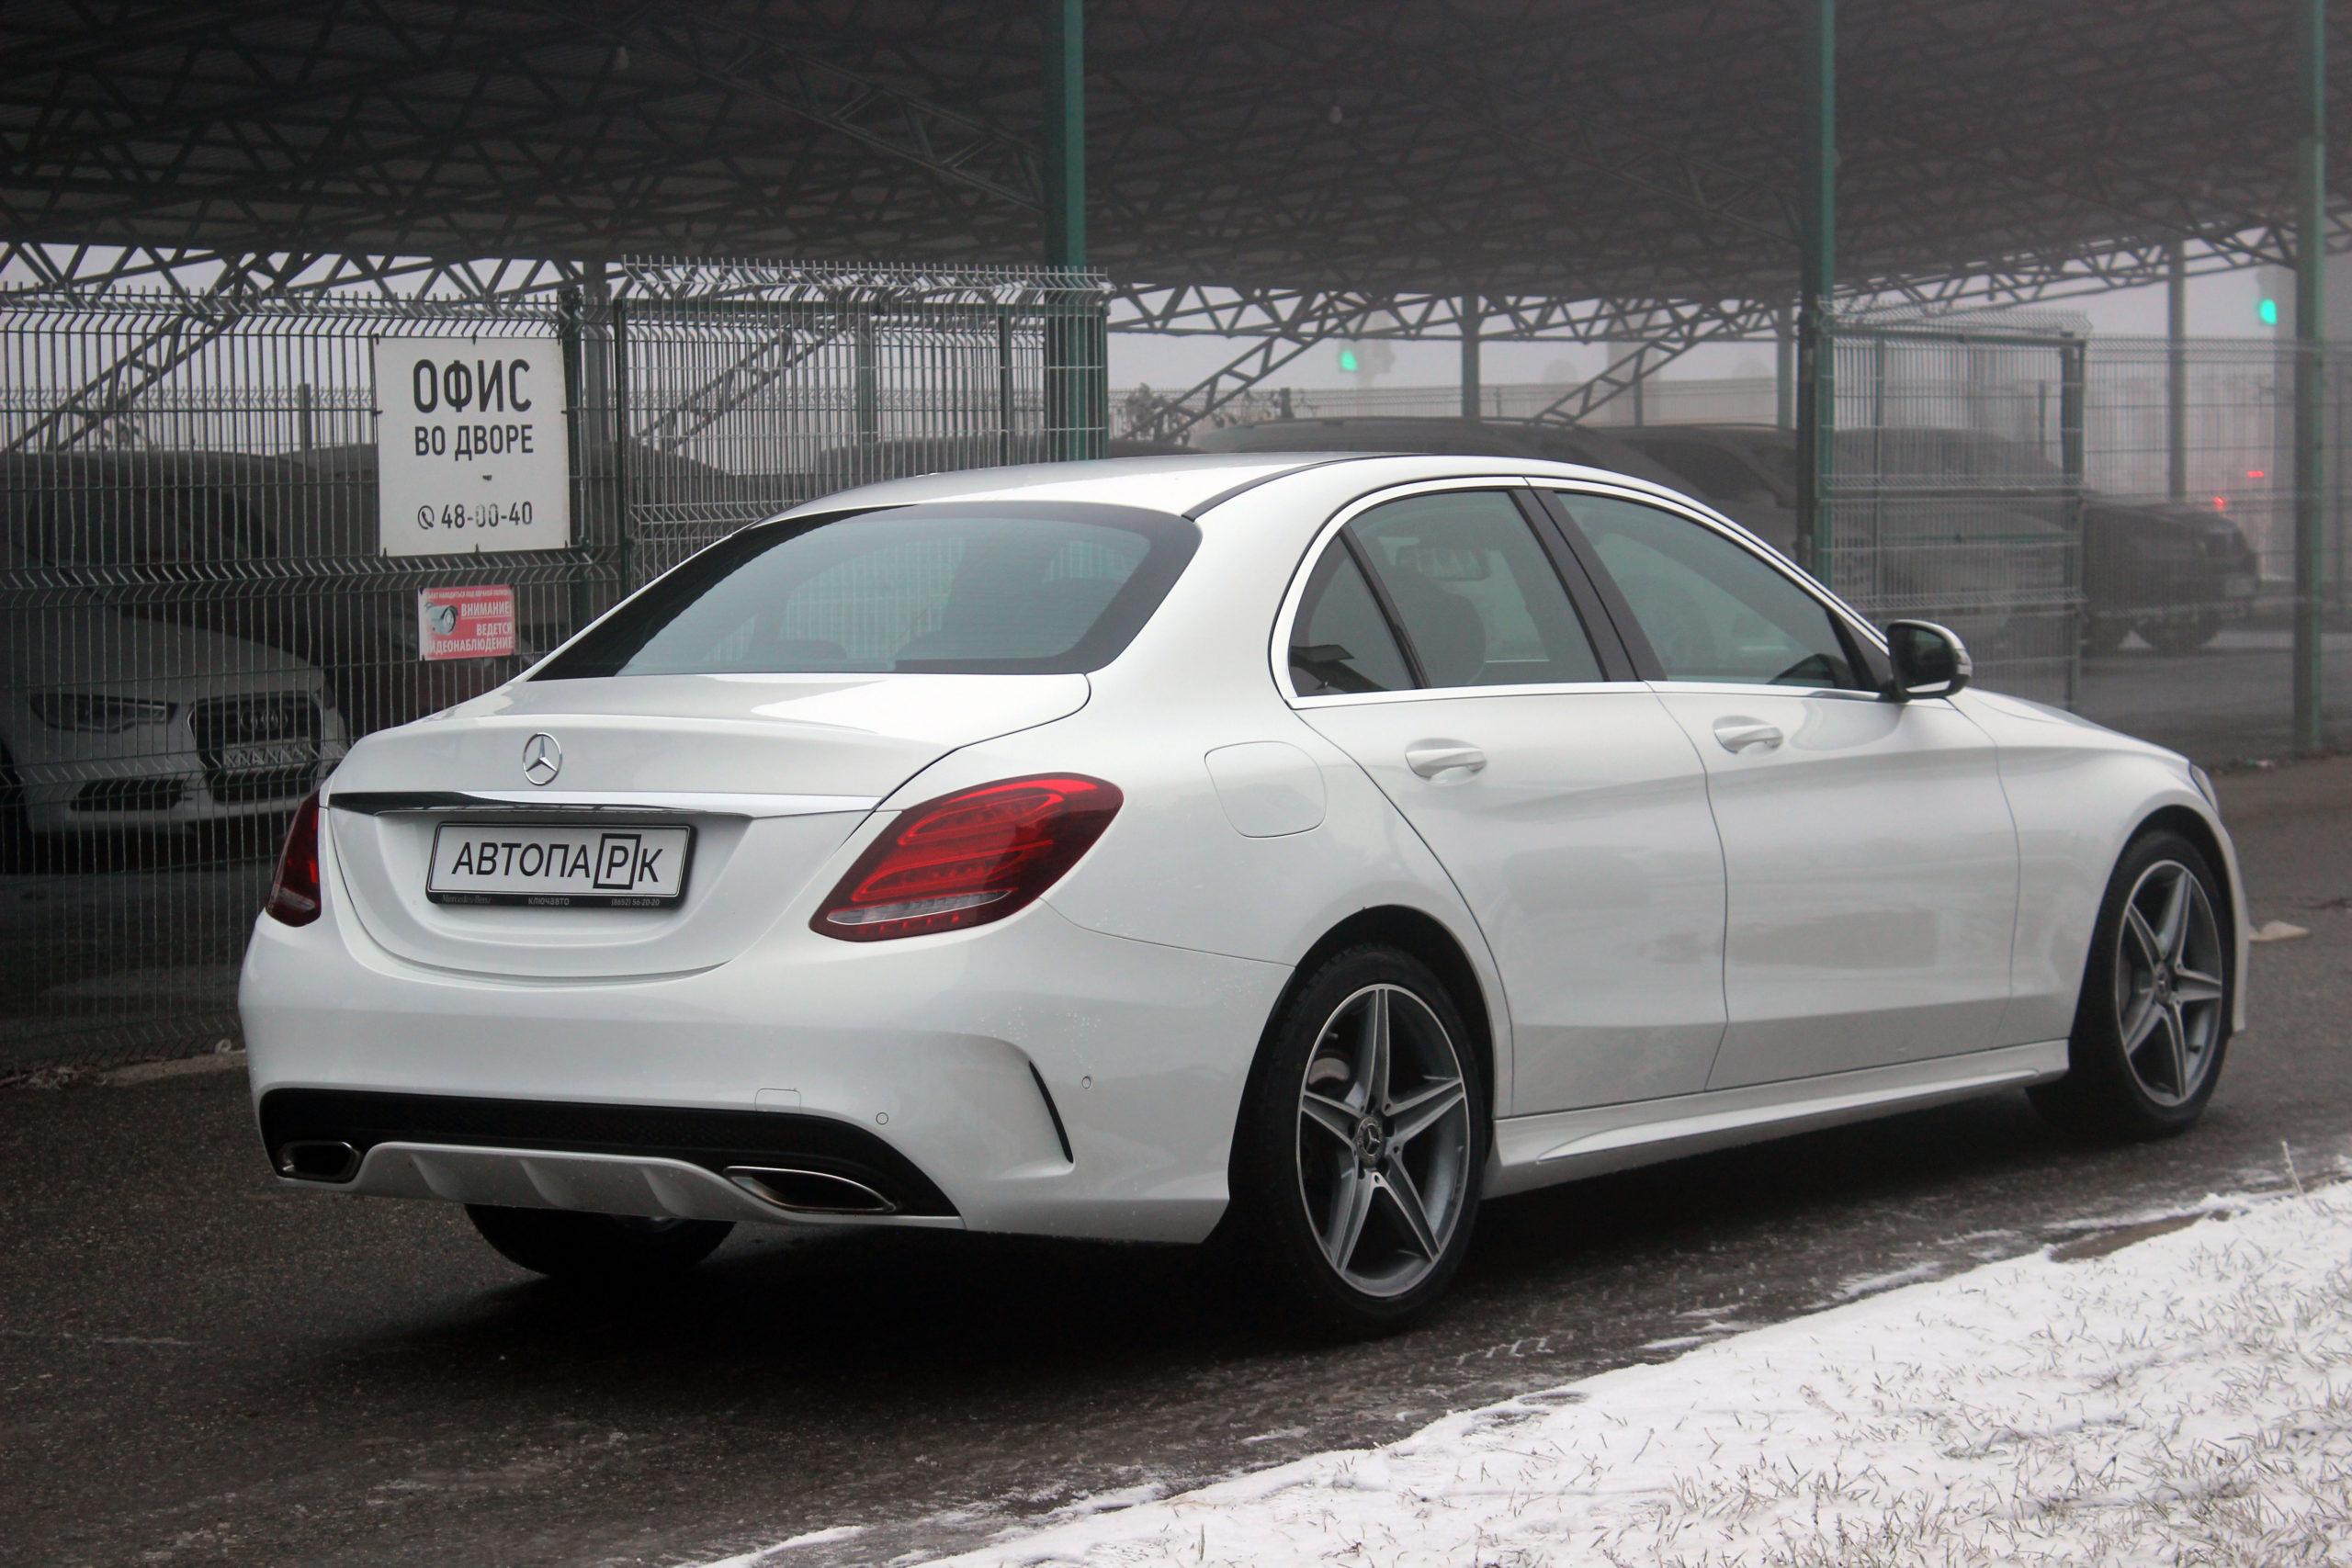 Купить Mercedes-Benz C-класс (Белый) - Автопарк Ставрополь